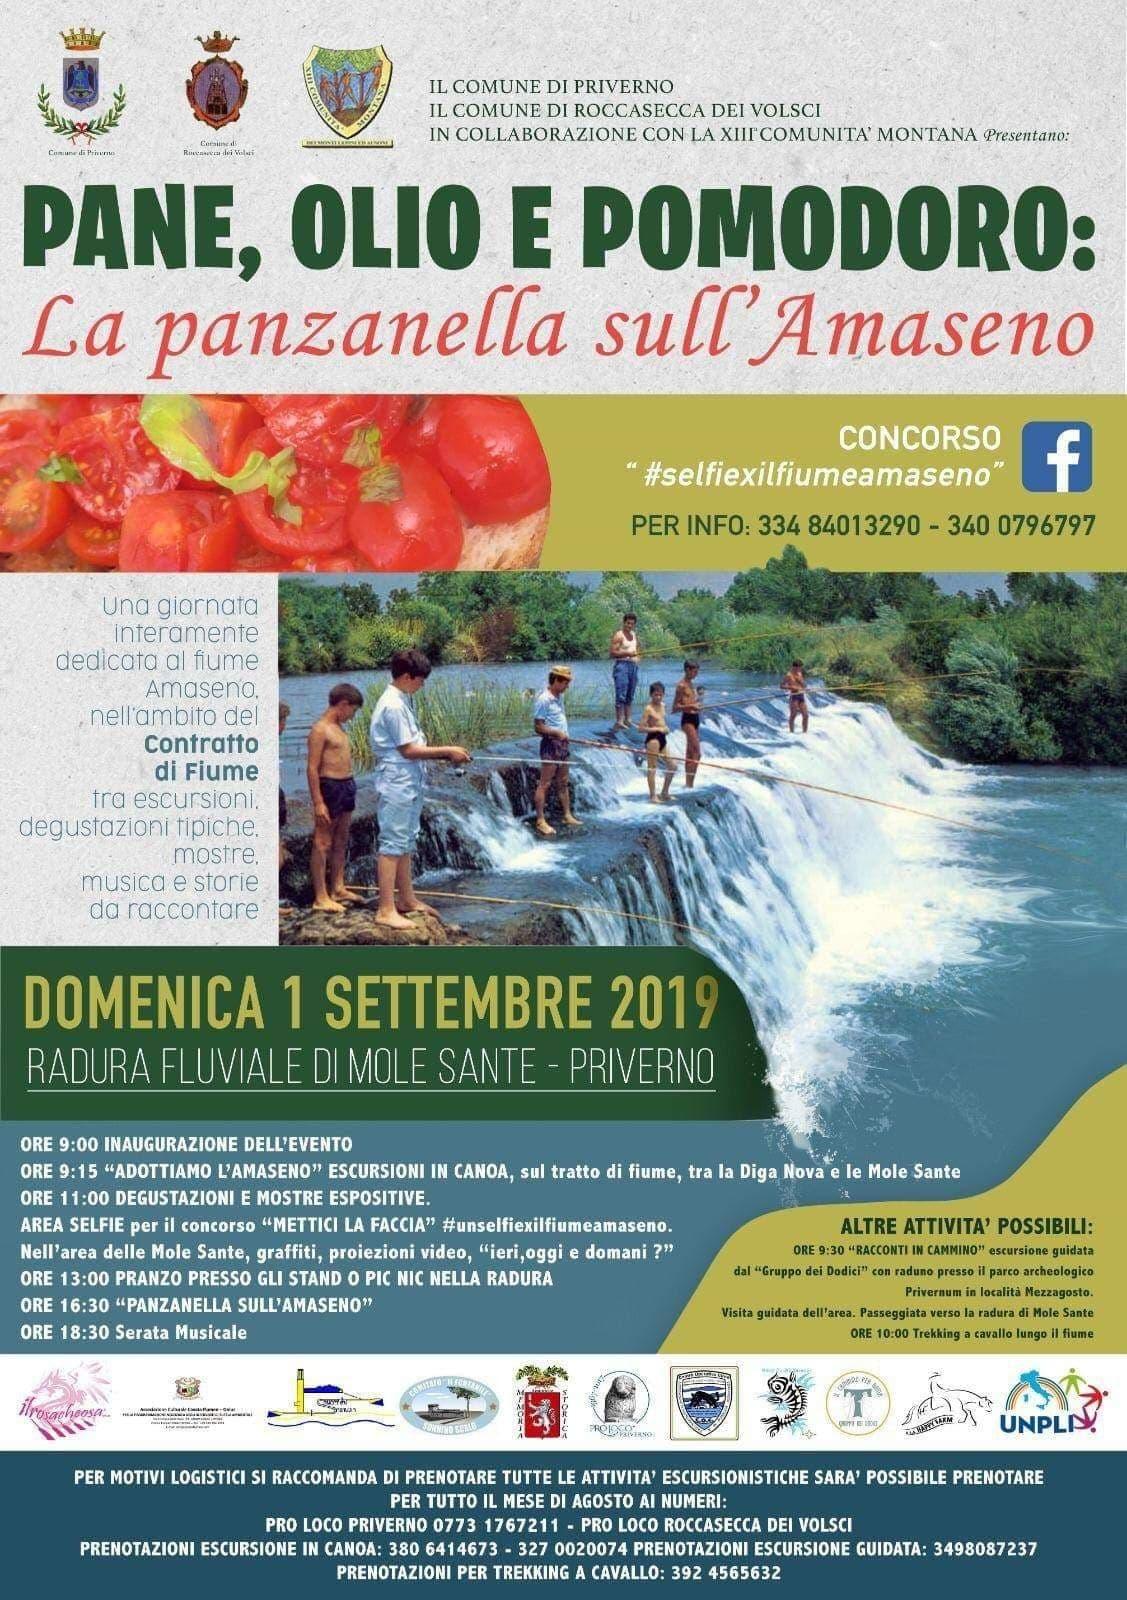 Priverno: Pane, olio e pomodoro. La panzanella sull'Amaseno @ radura fluviale di mole sante | Priverno | Lazio | Italia